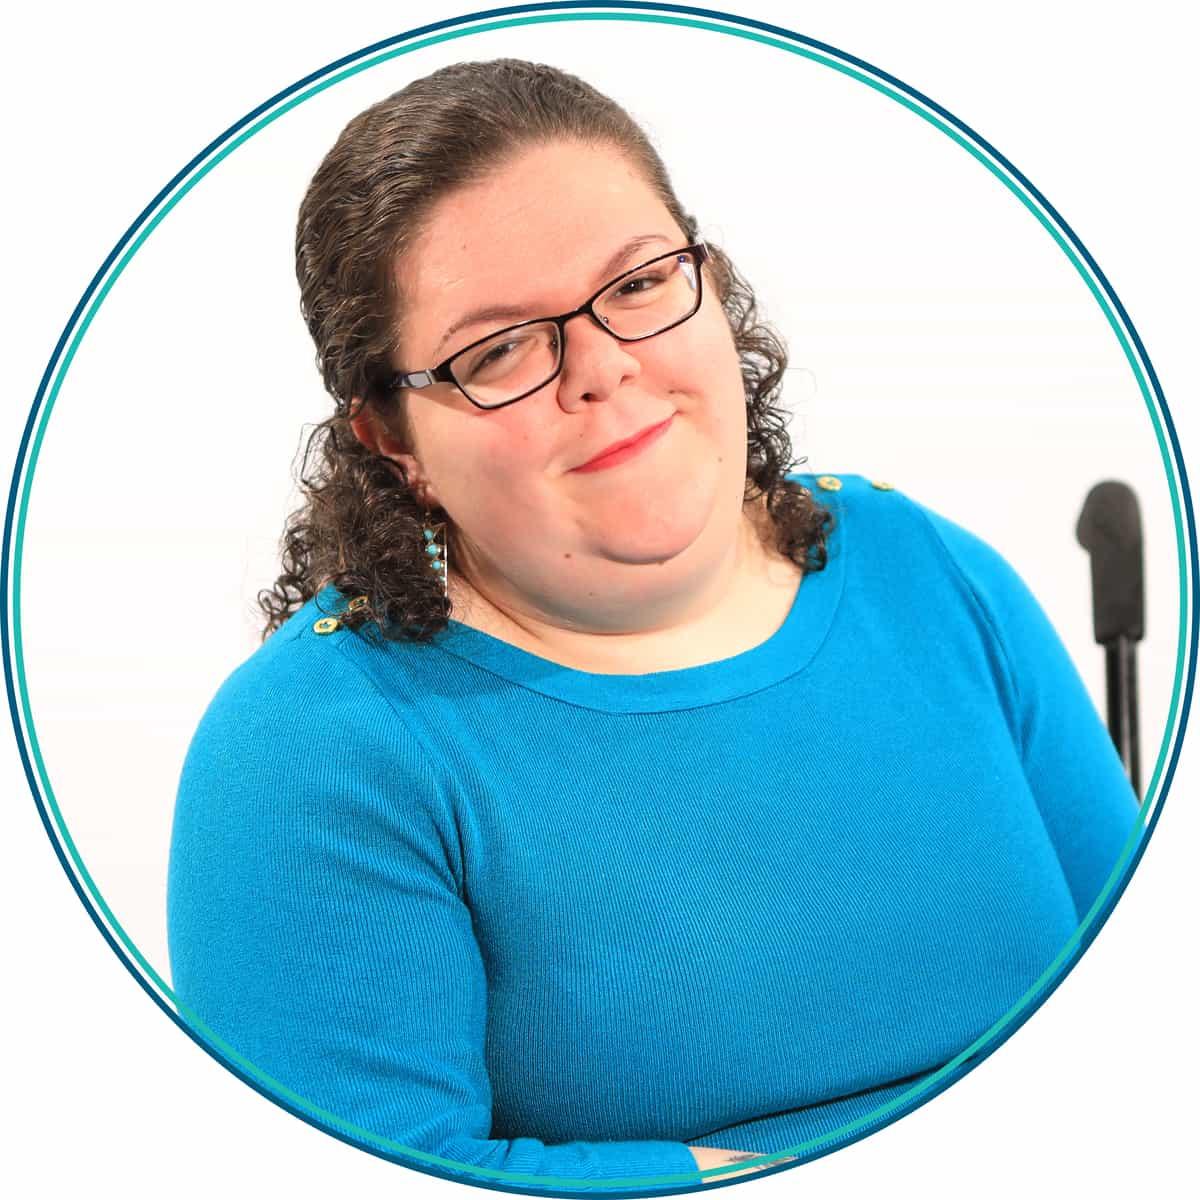 Headshot of Emily Ladau